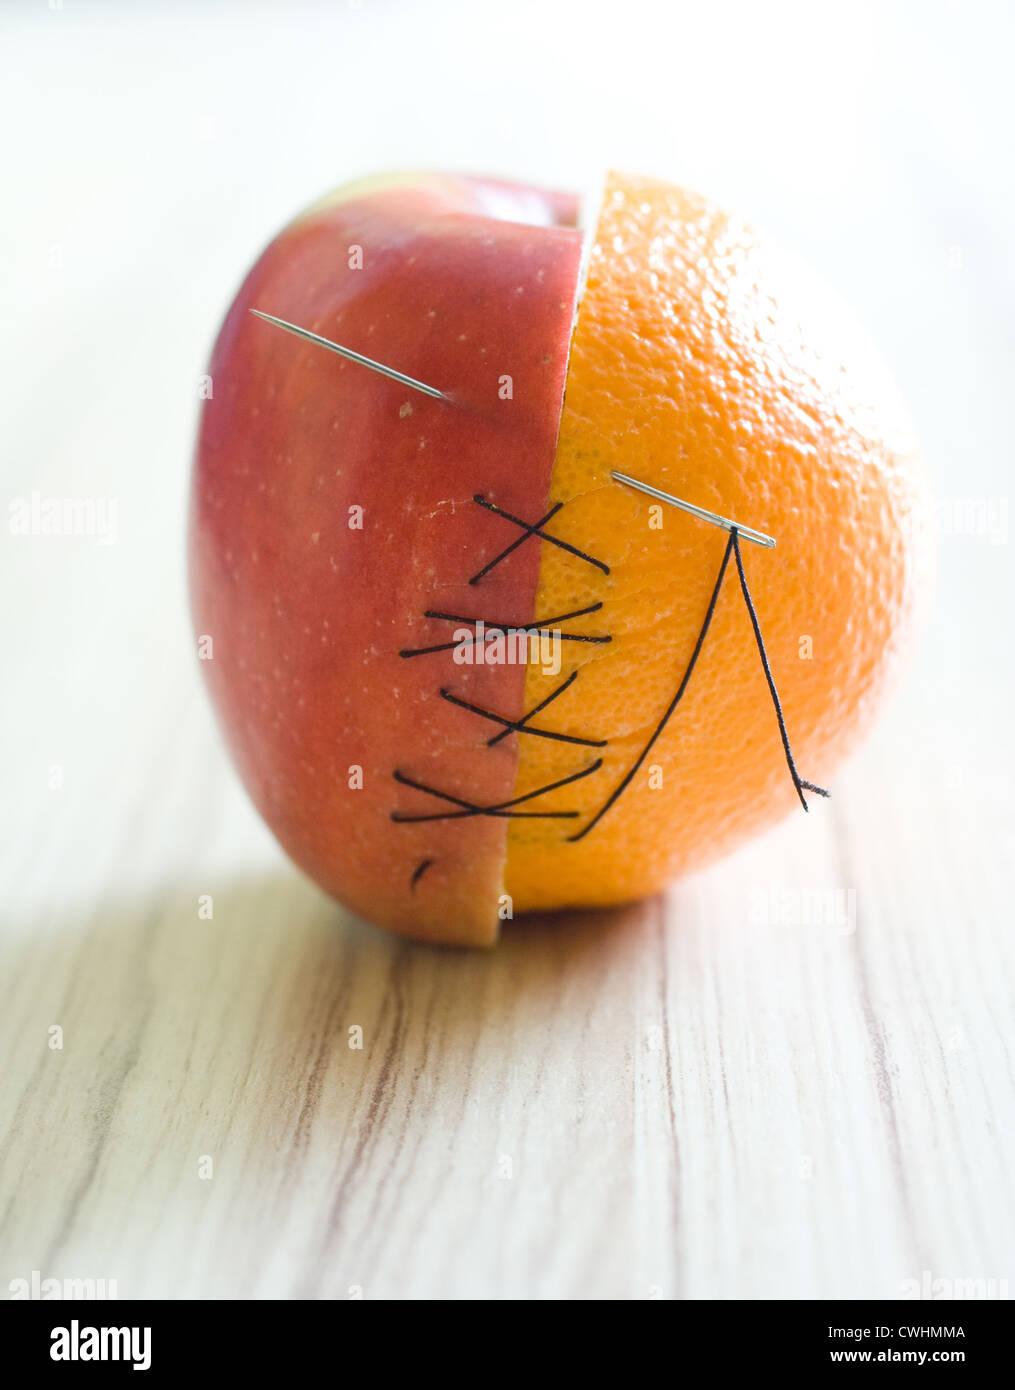 Hälfte, orange Hälfte Apfel Stockbild